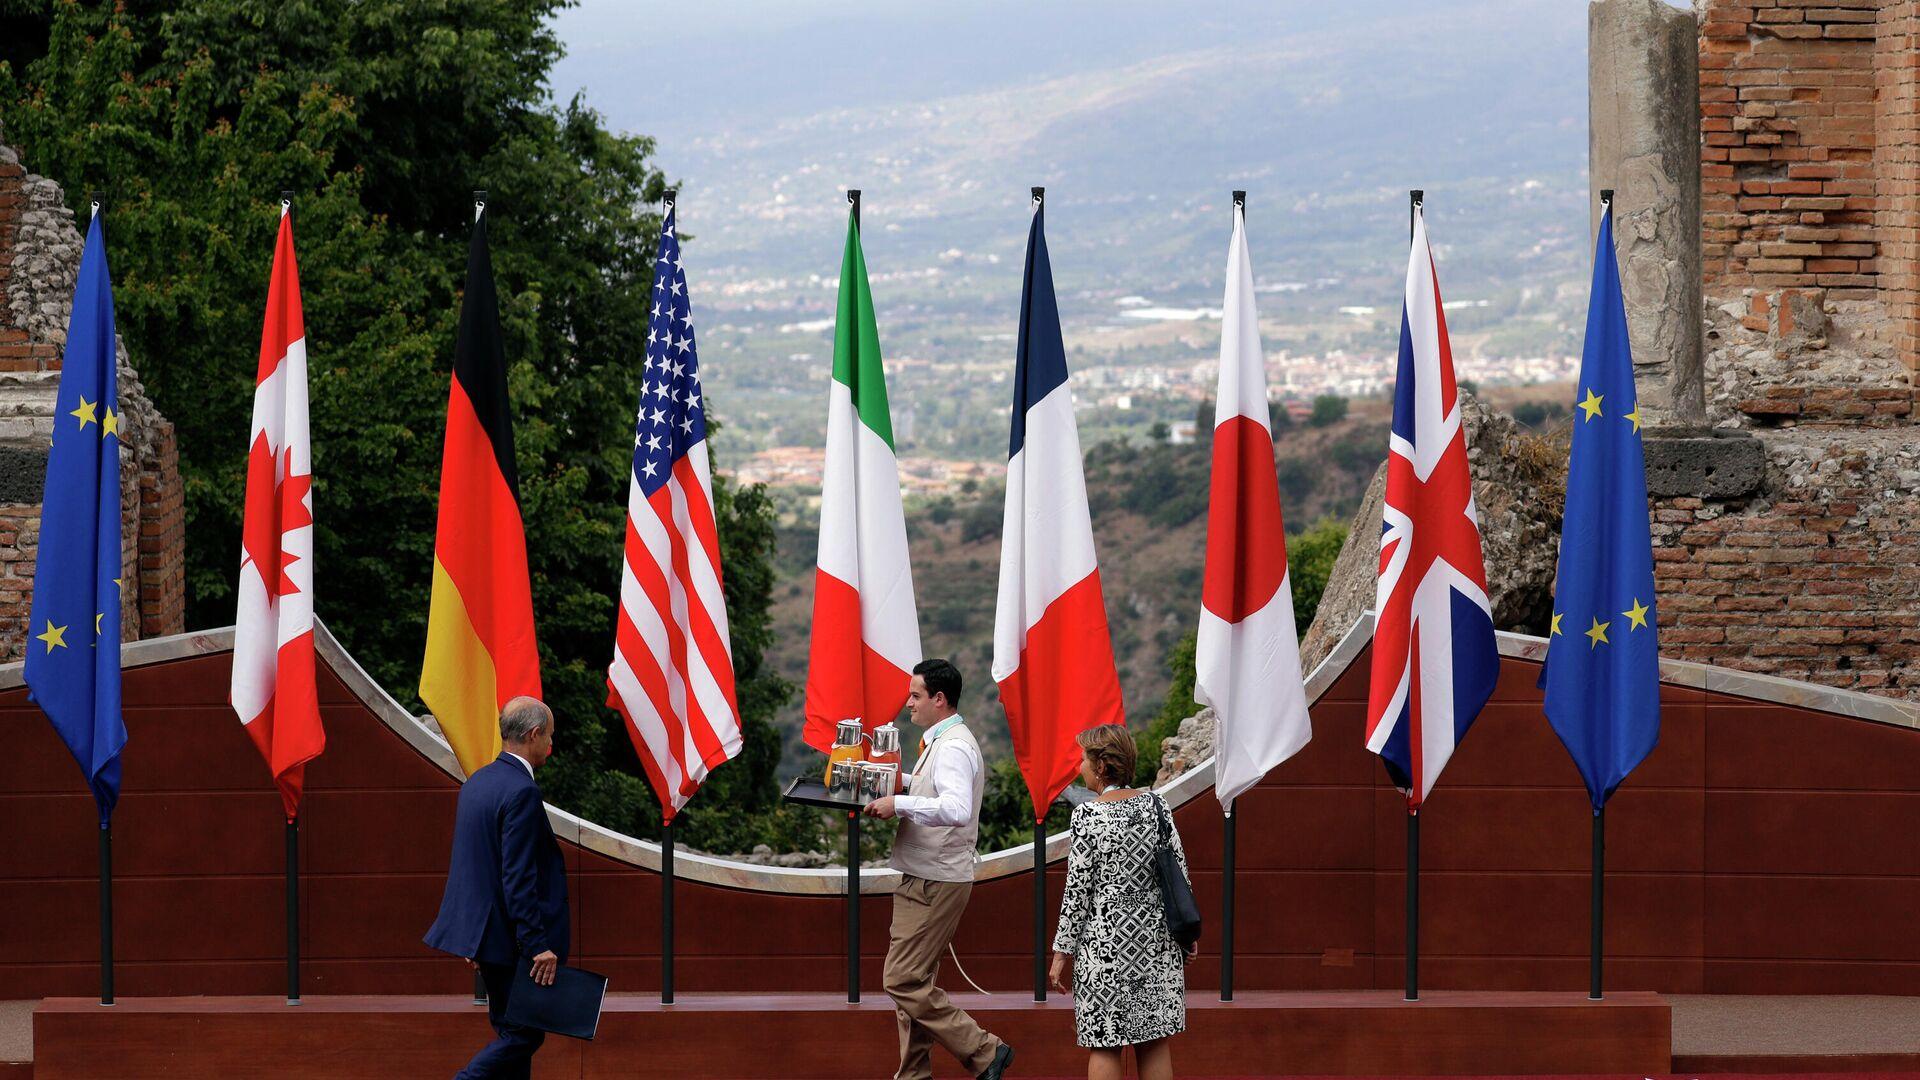 Флаги стран-участниц саммита G7 - РИА Новости, 1920, 05.05.2021